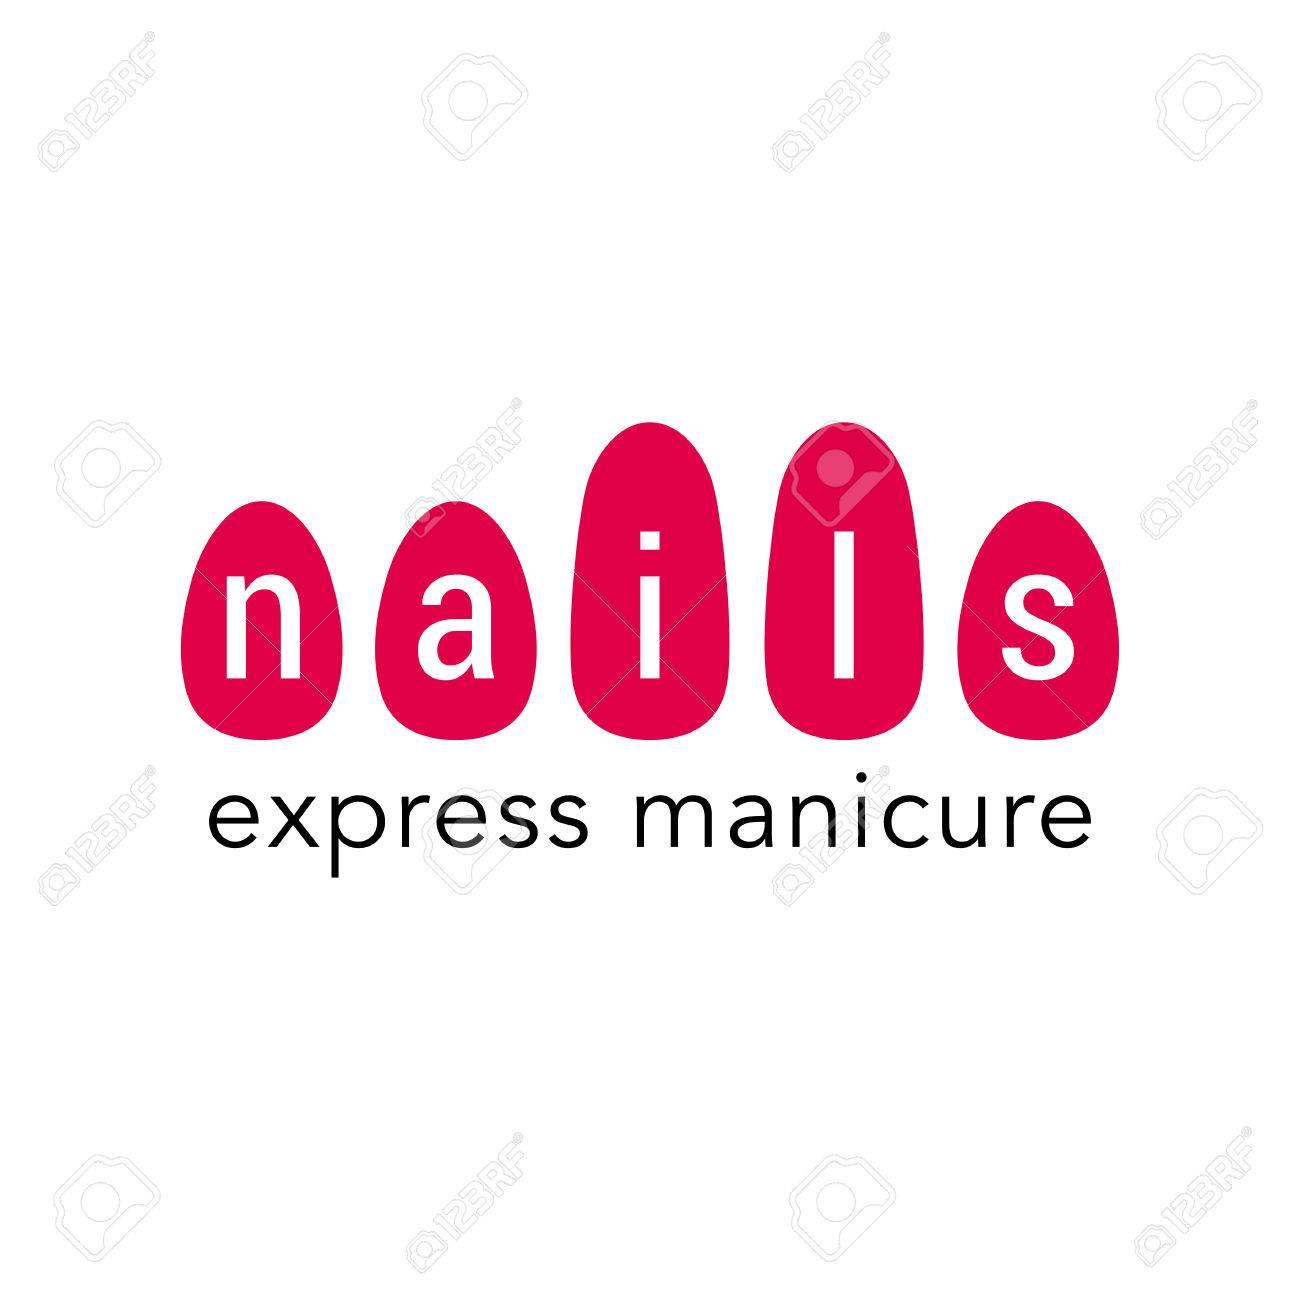 Nails Vector Logo Sign Design Element Illustration For Manicure